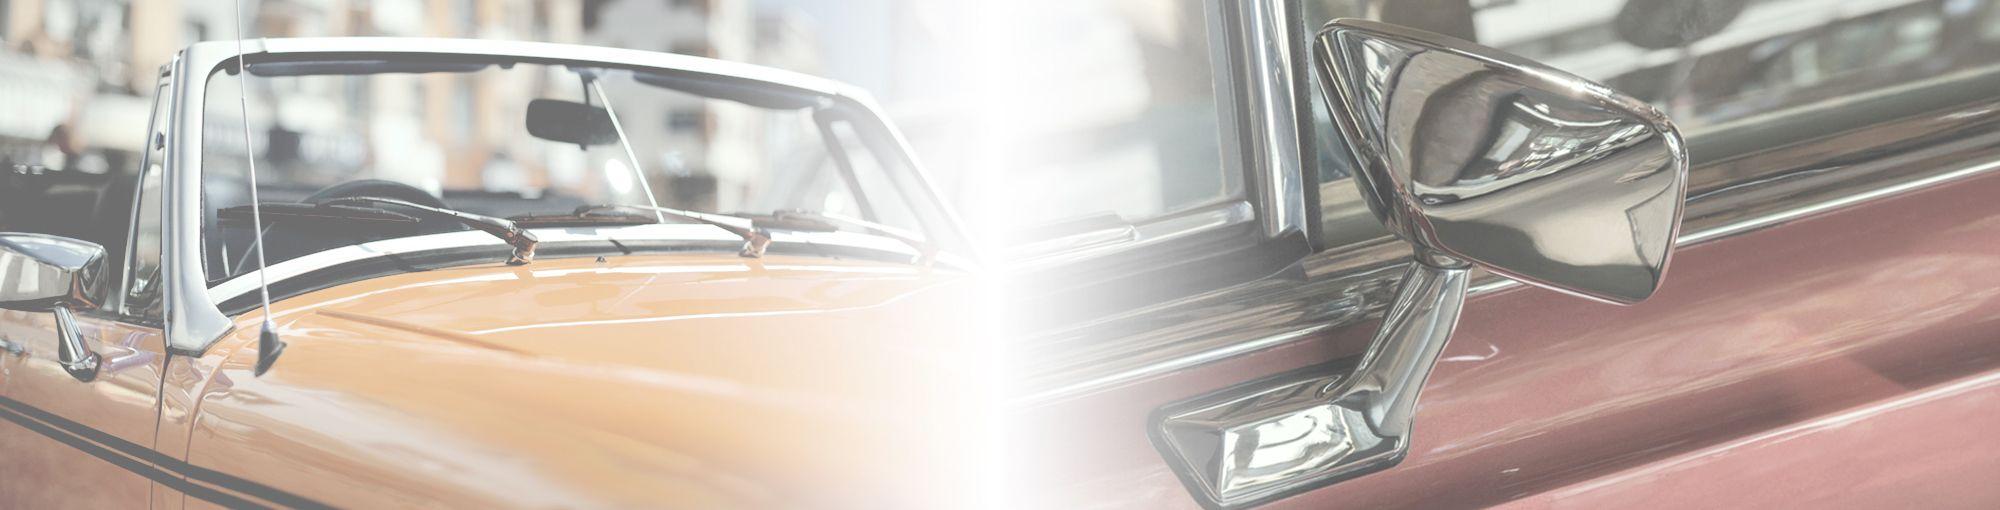 Klassiset autojen pyyhkimet ja peilit